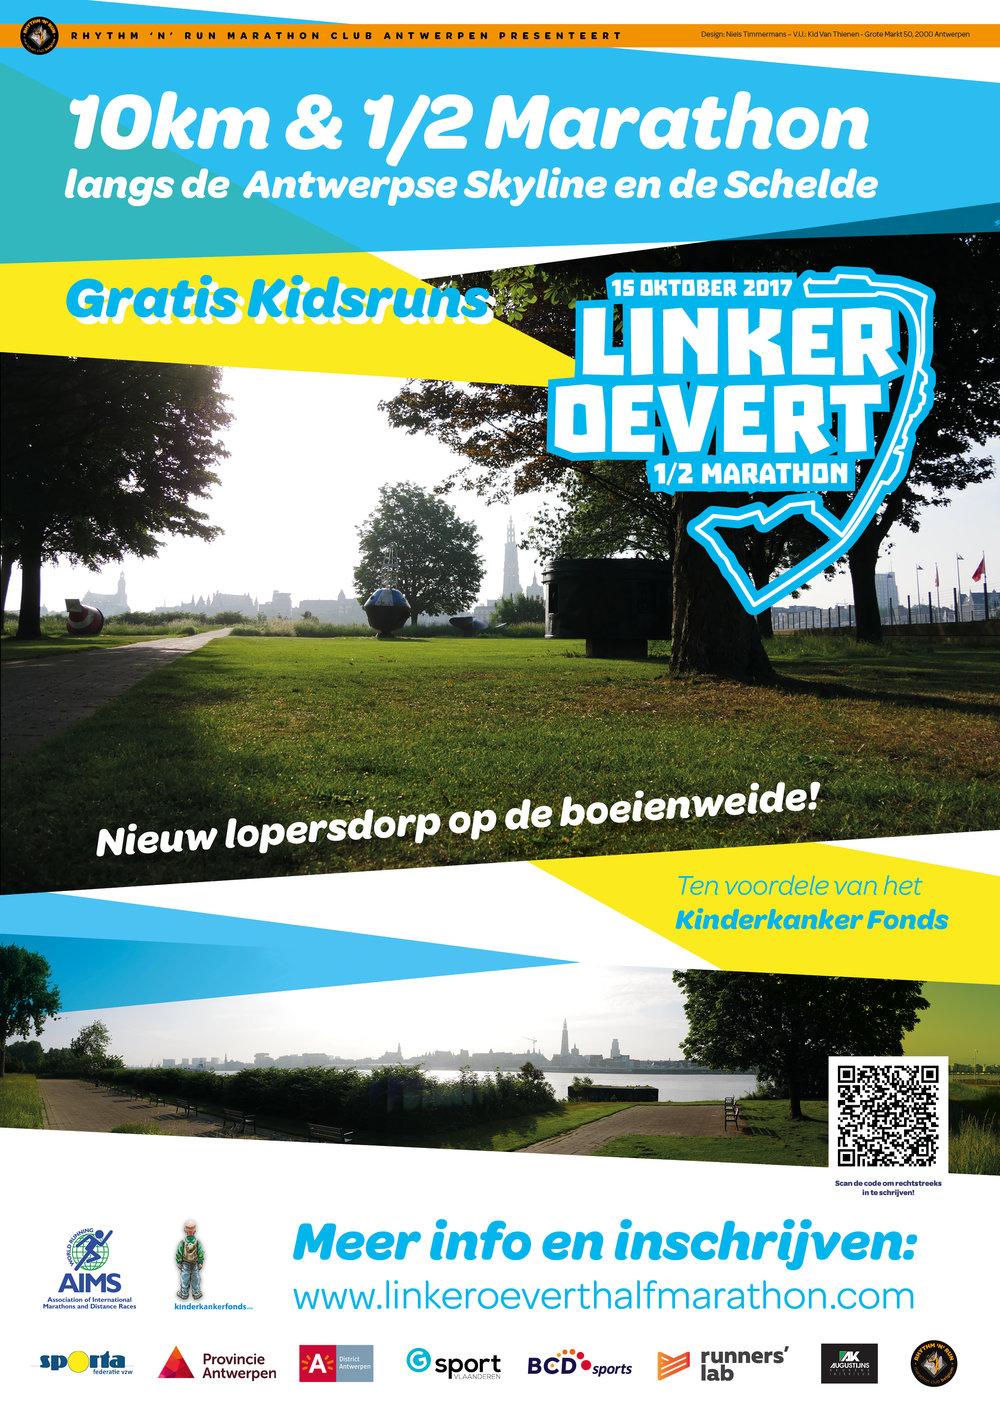 Linker Oevert 1/2 Marathon 2017